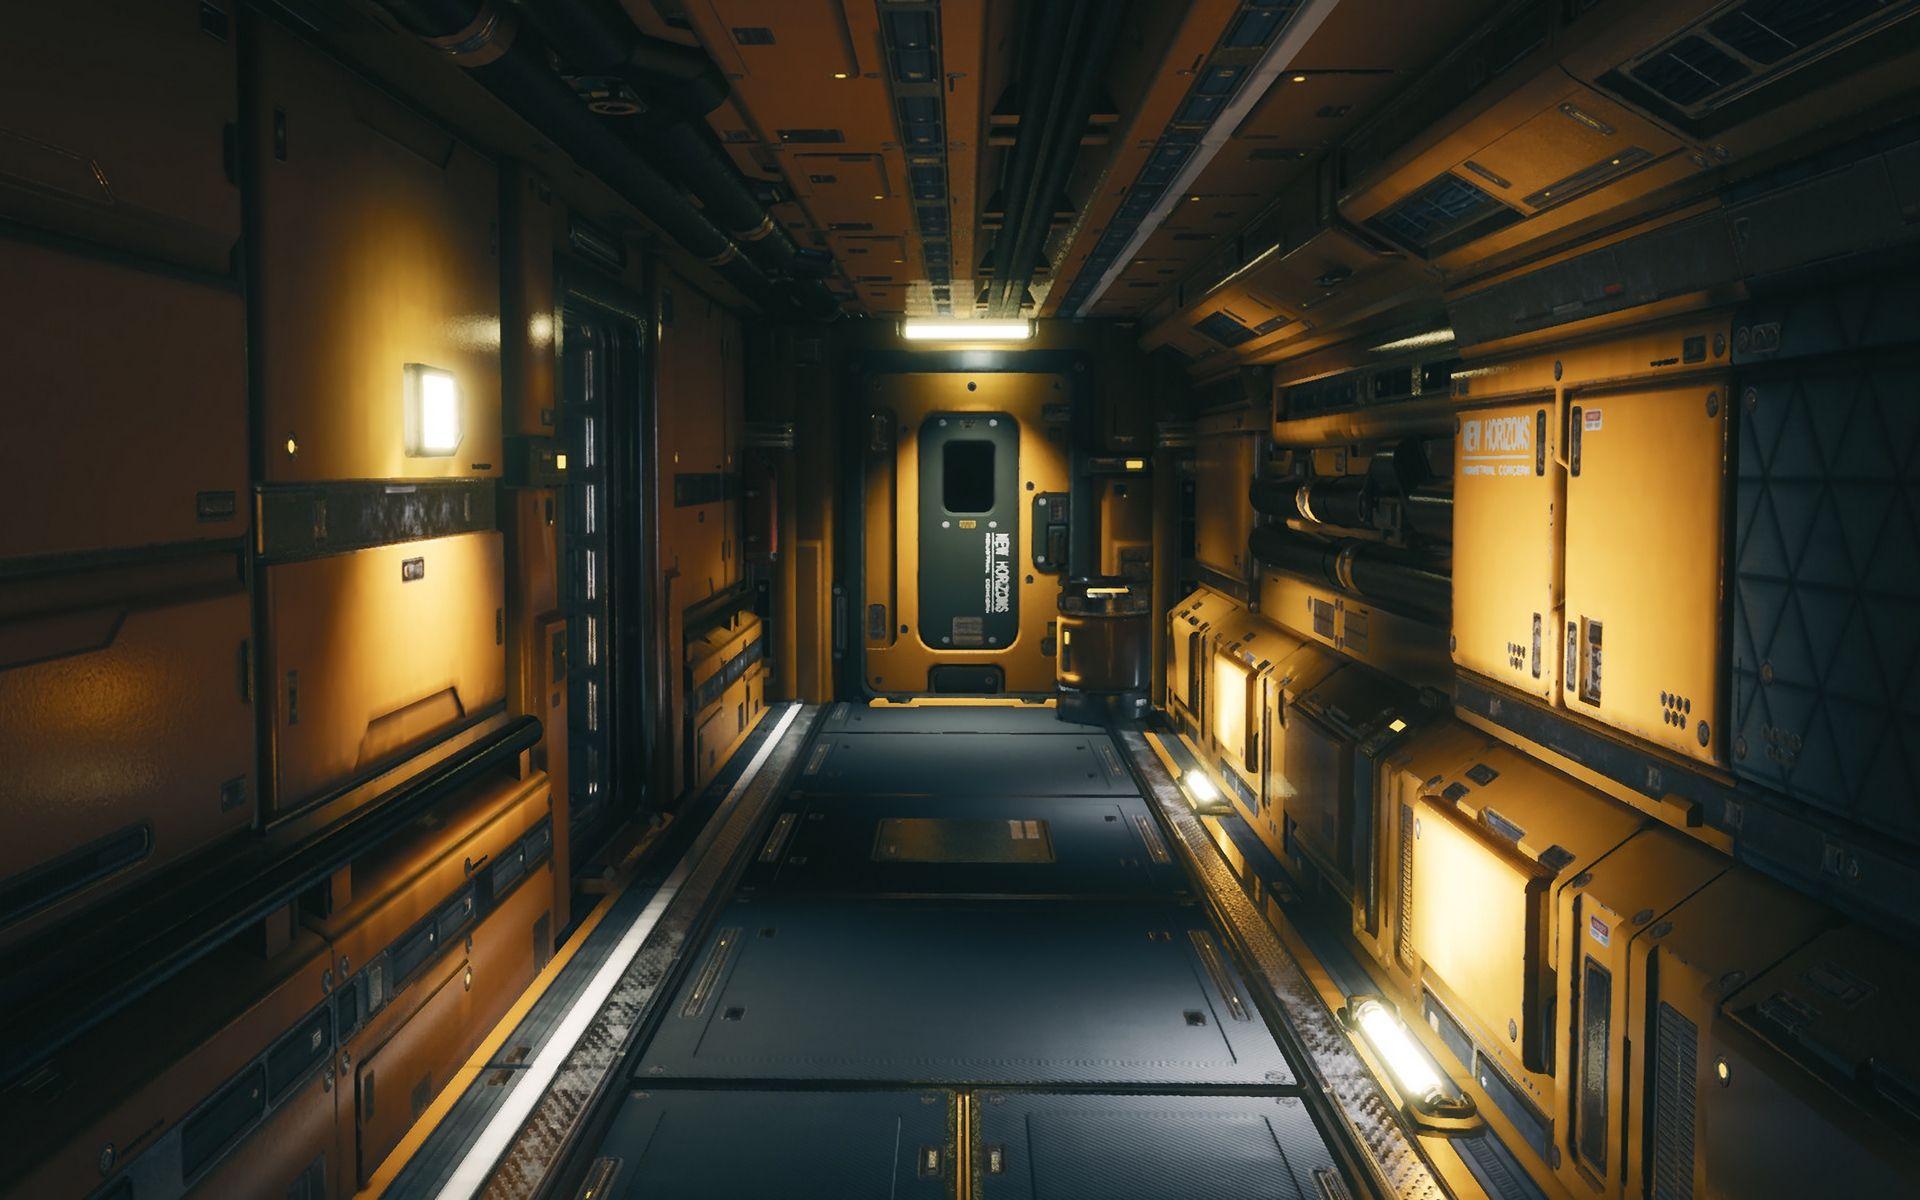 Sci Fi Interior Hd Wallpaper Sci Fi Environment Concept